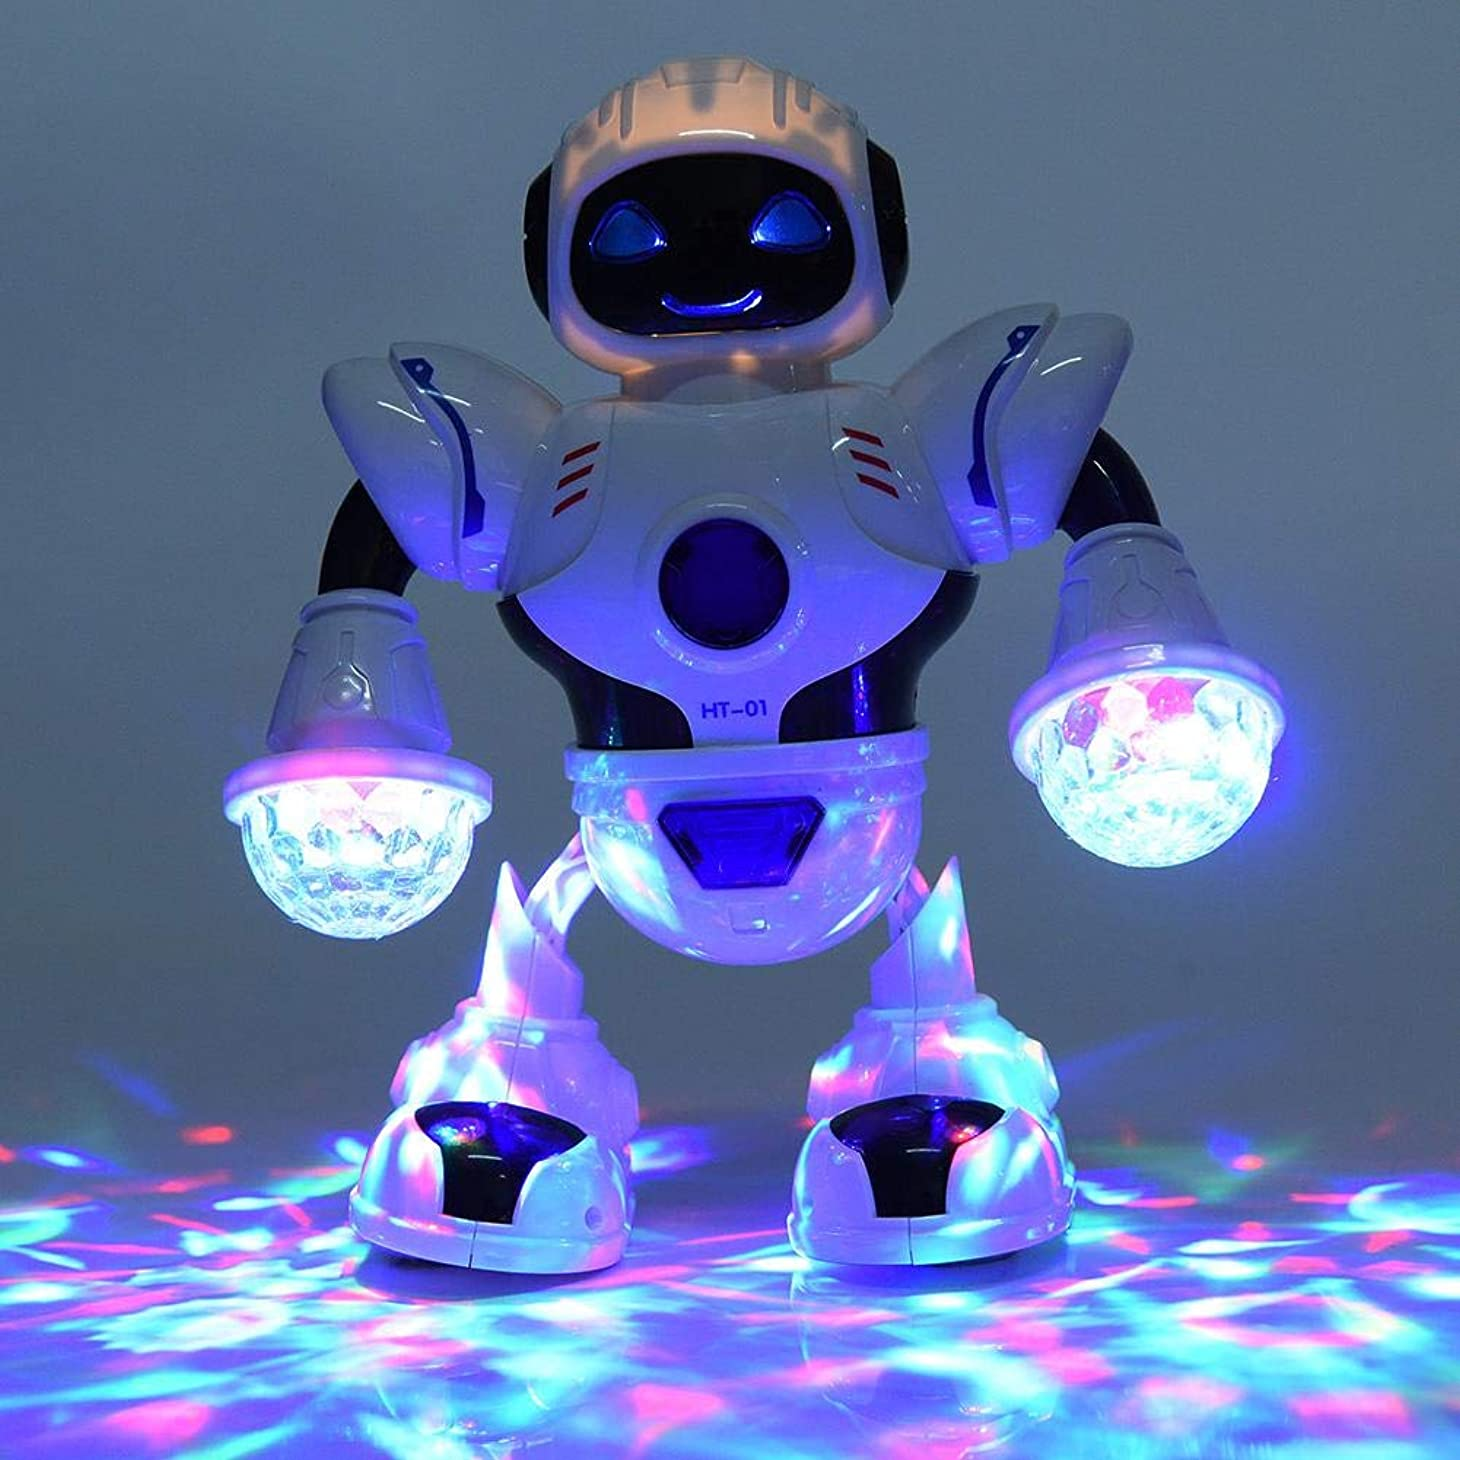 カート帝国記者ロボットおもちゃ 音楽 ダンス カラフルなLEDライト 電気ロボット玩具 教育玩具 誕生日 クリスマス プレゼント